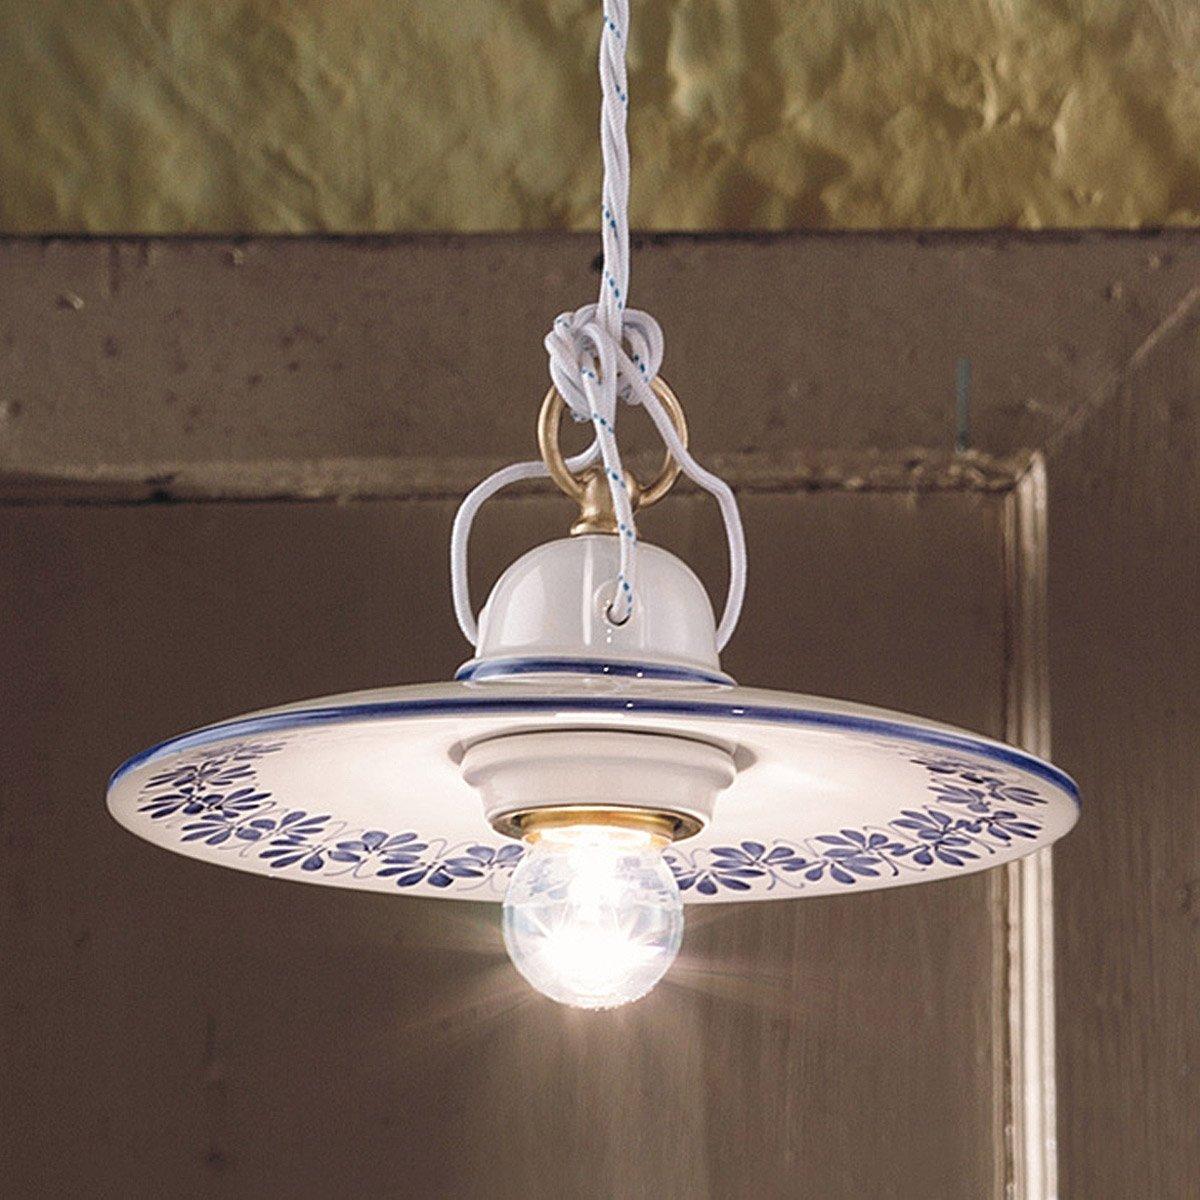 Lampadari In Ceramica.Lampadario In Ceramica Torino Decoro Rustico C658so